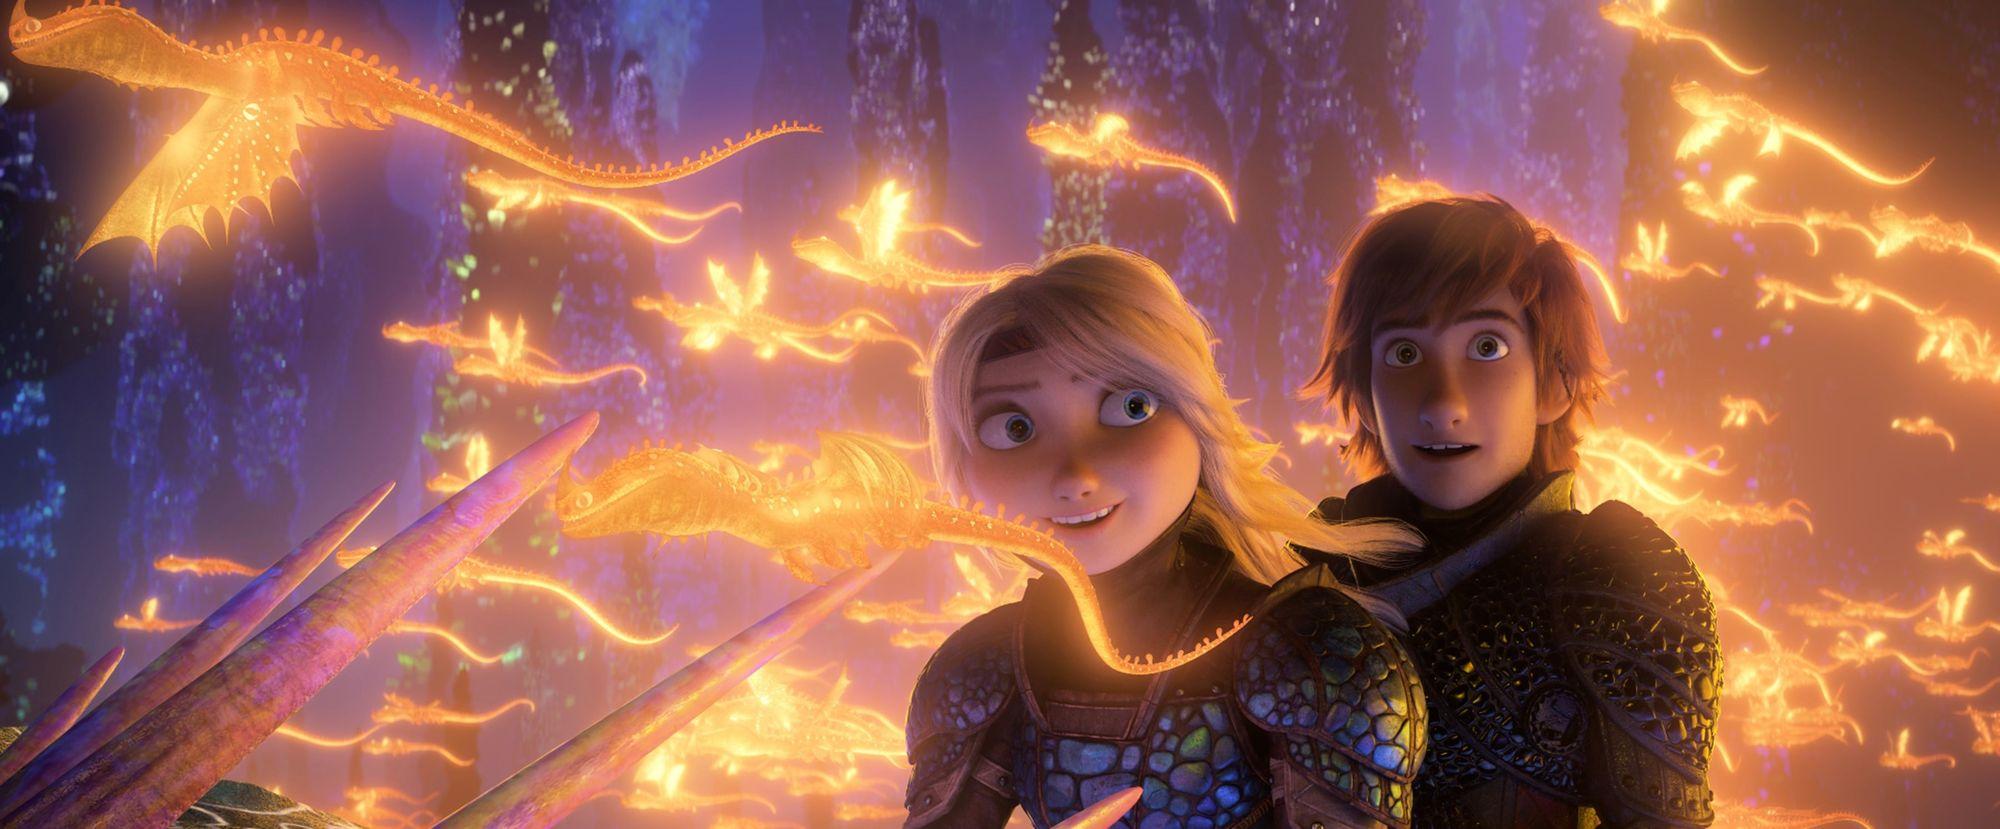 Jak vycvičit draka 3: První trailer k epickému závěru ságy